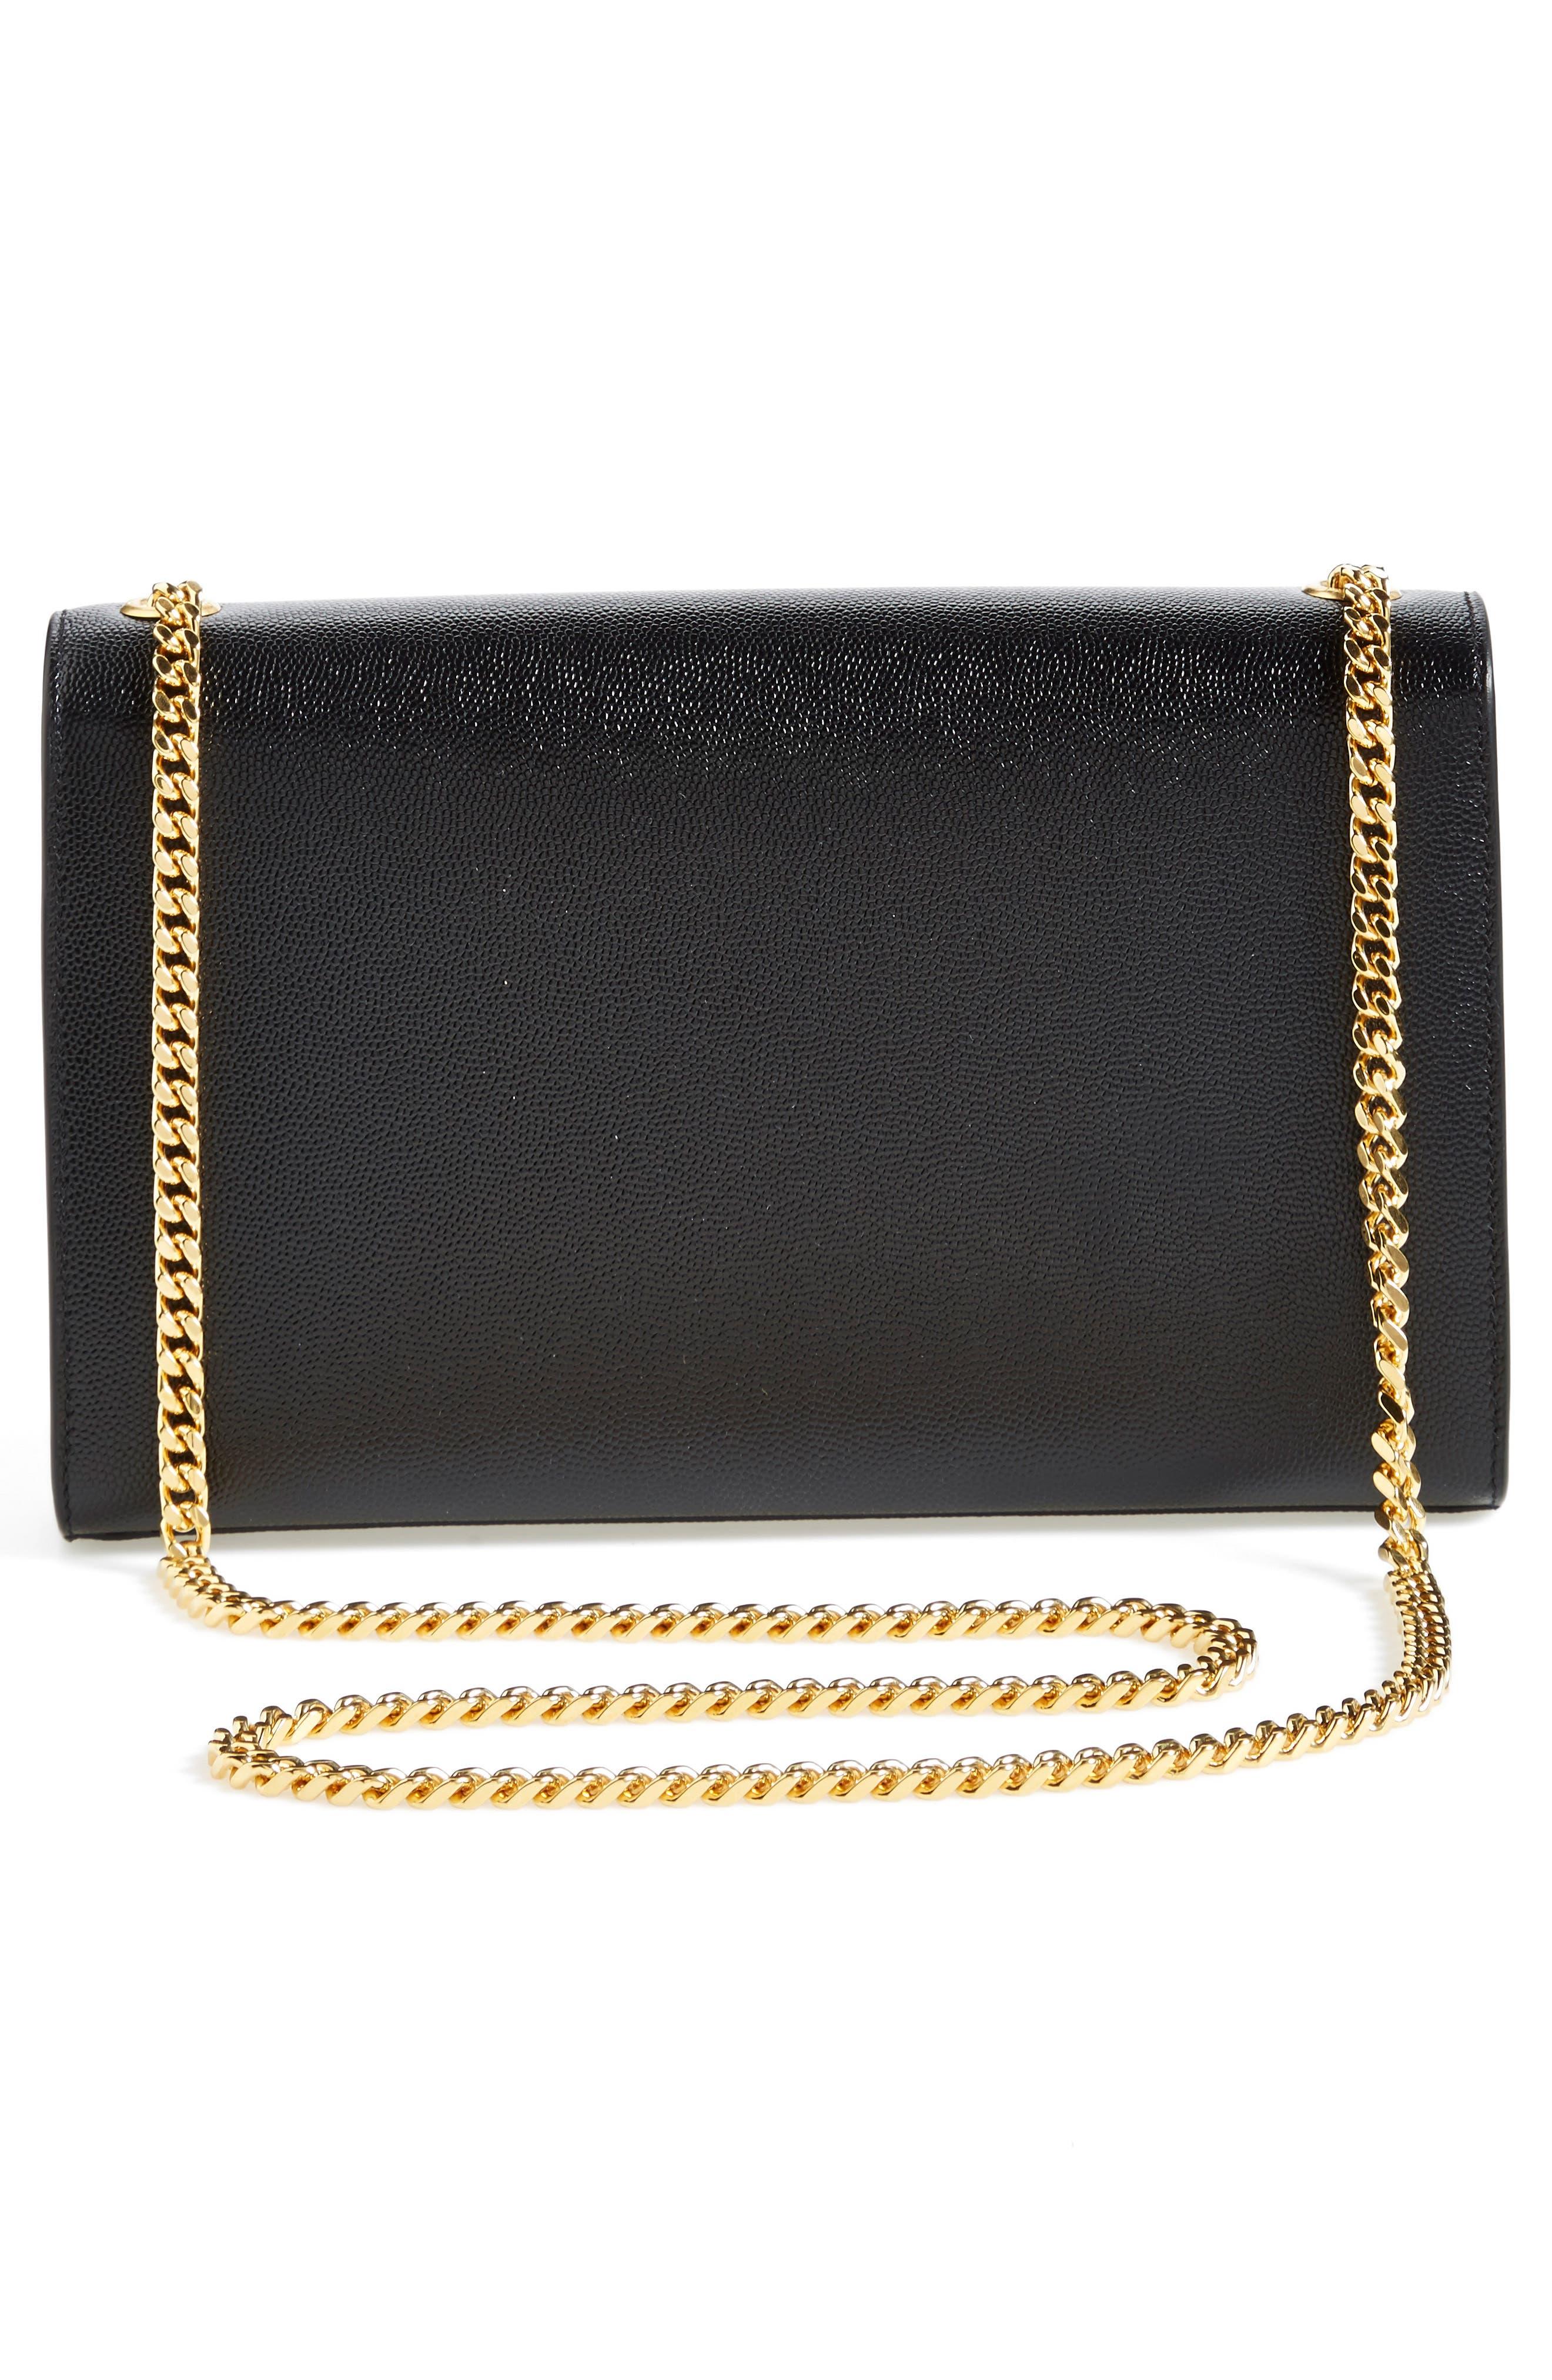 'Medium Kate' Leather Chain Shoulder Bag,                             Alternate thumbnail 5, color,                             NOIR